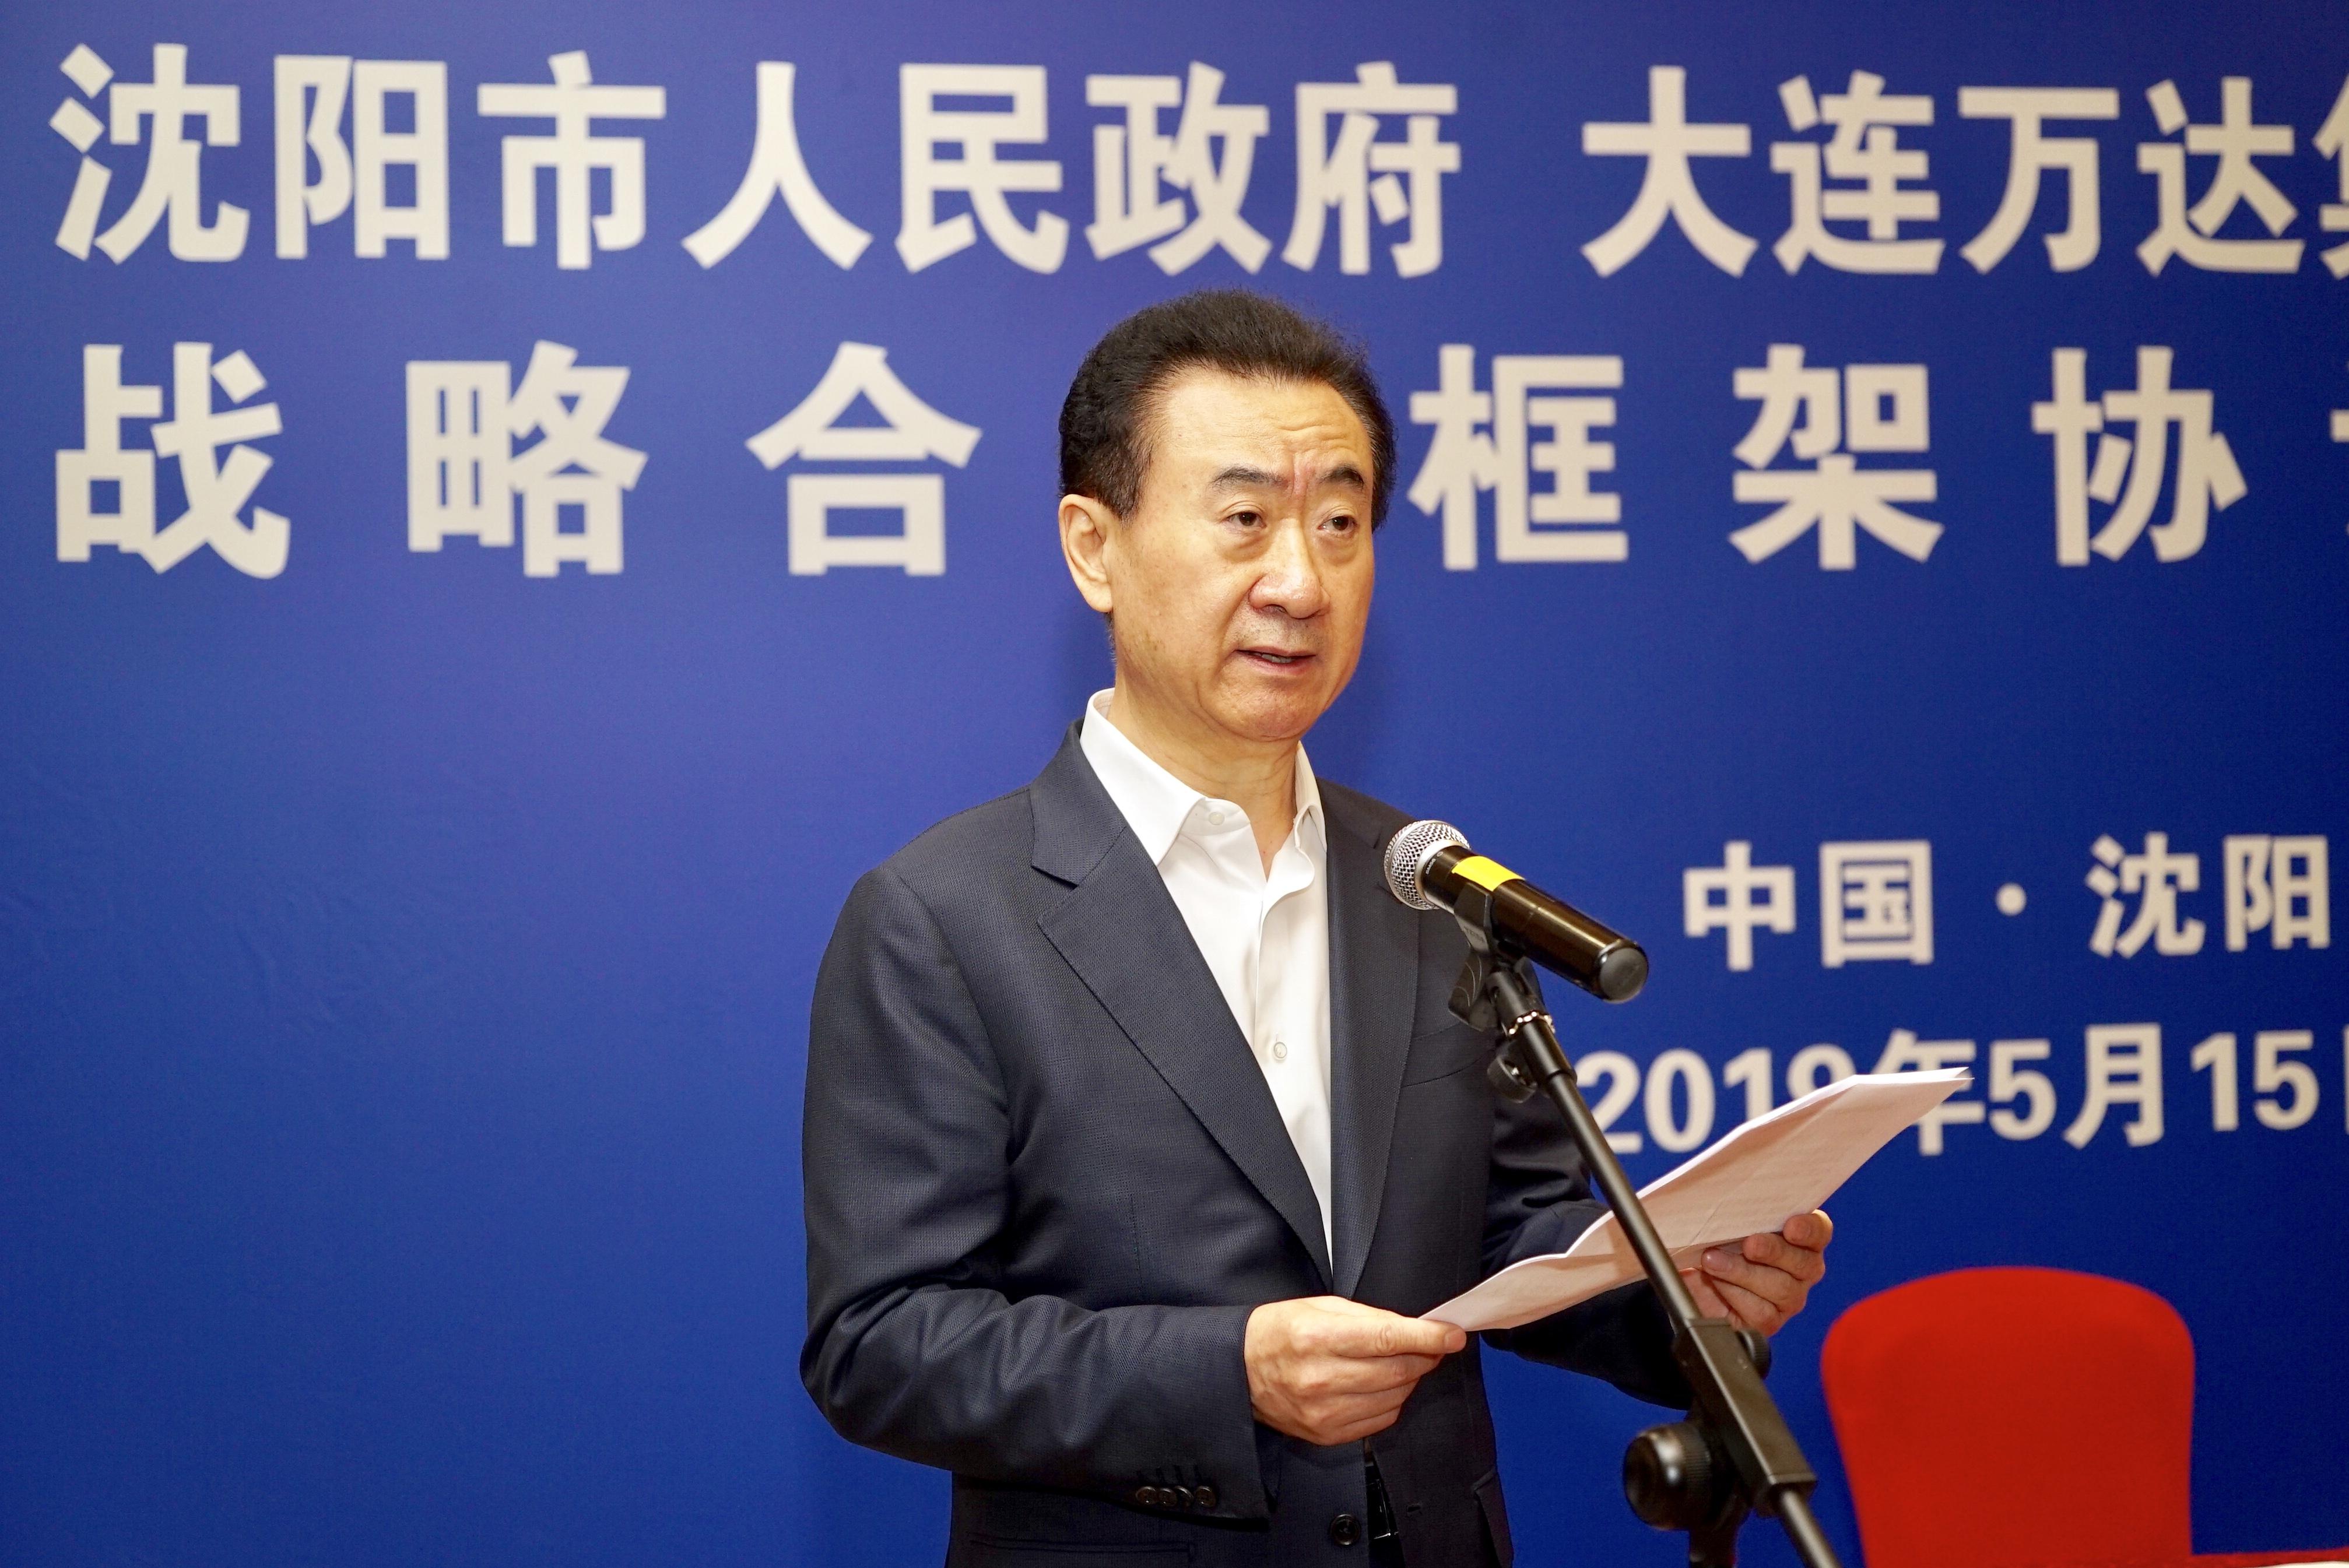 娱乐网注册送白菜投资沈阳800亿 王健林:沈阳一定会在东北率先振兴